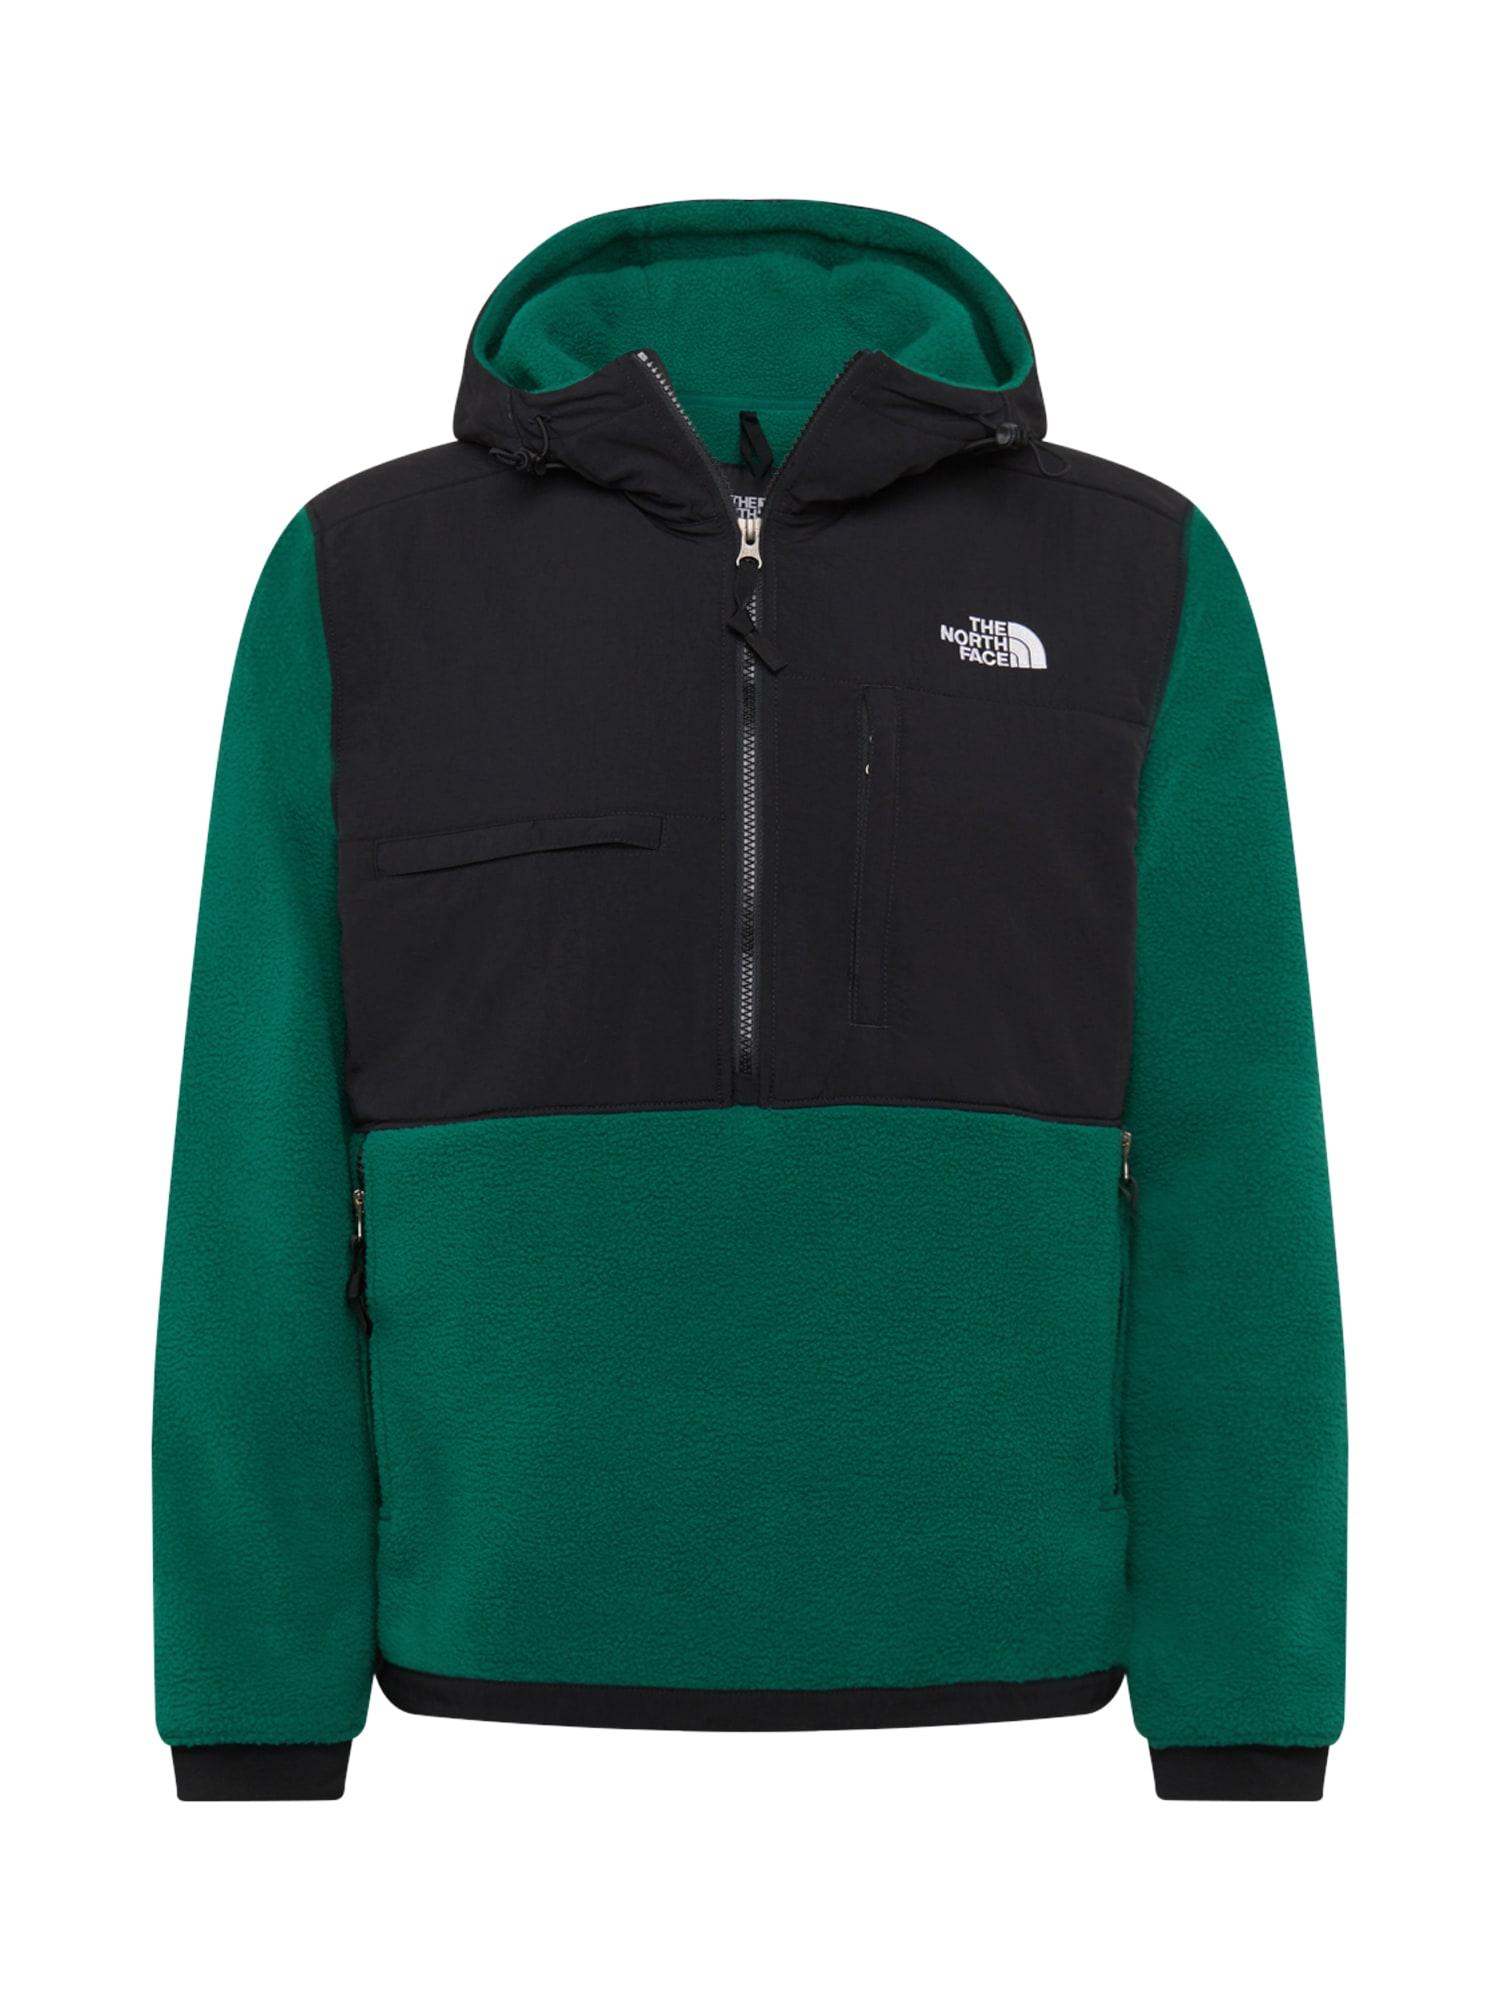 THE NORTH FACE Outdoorová bunda 'DENALI 2'  černá / zelená / bílá